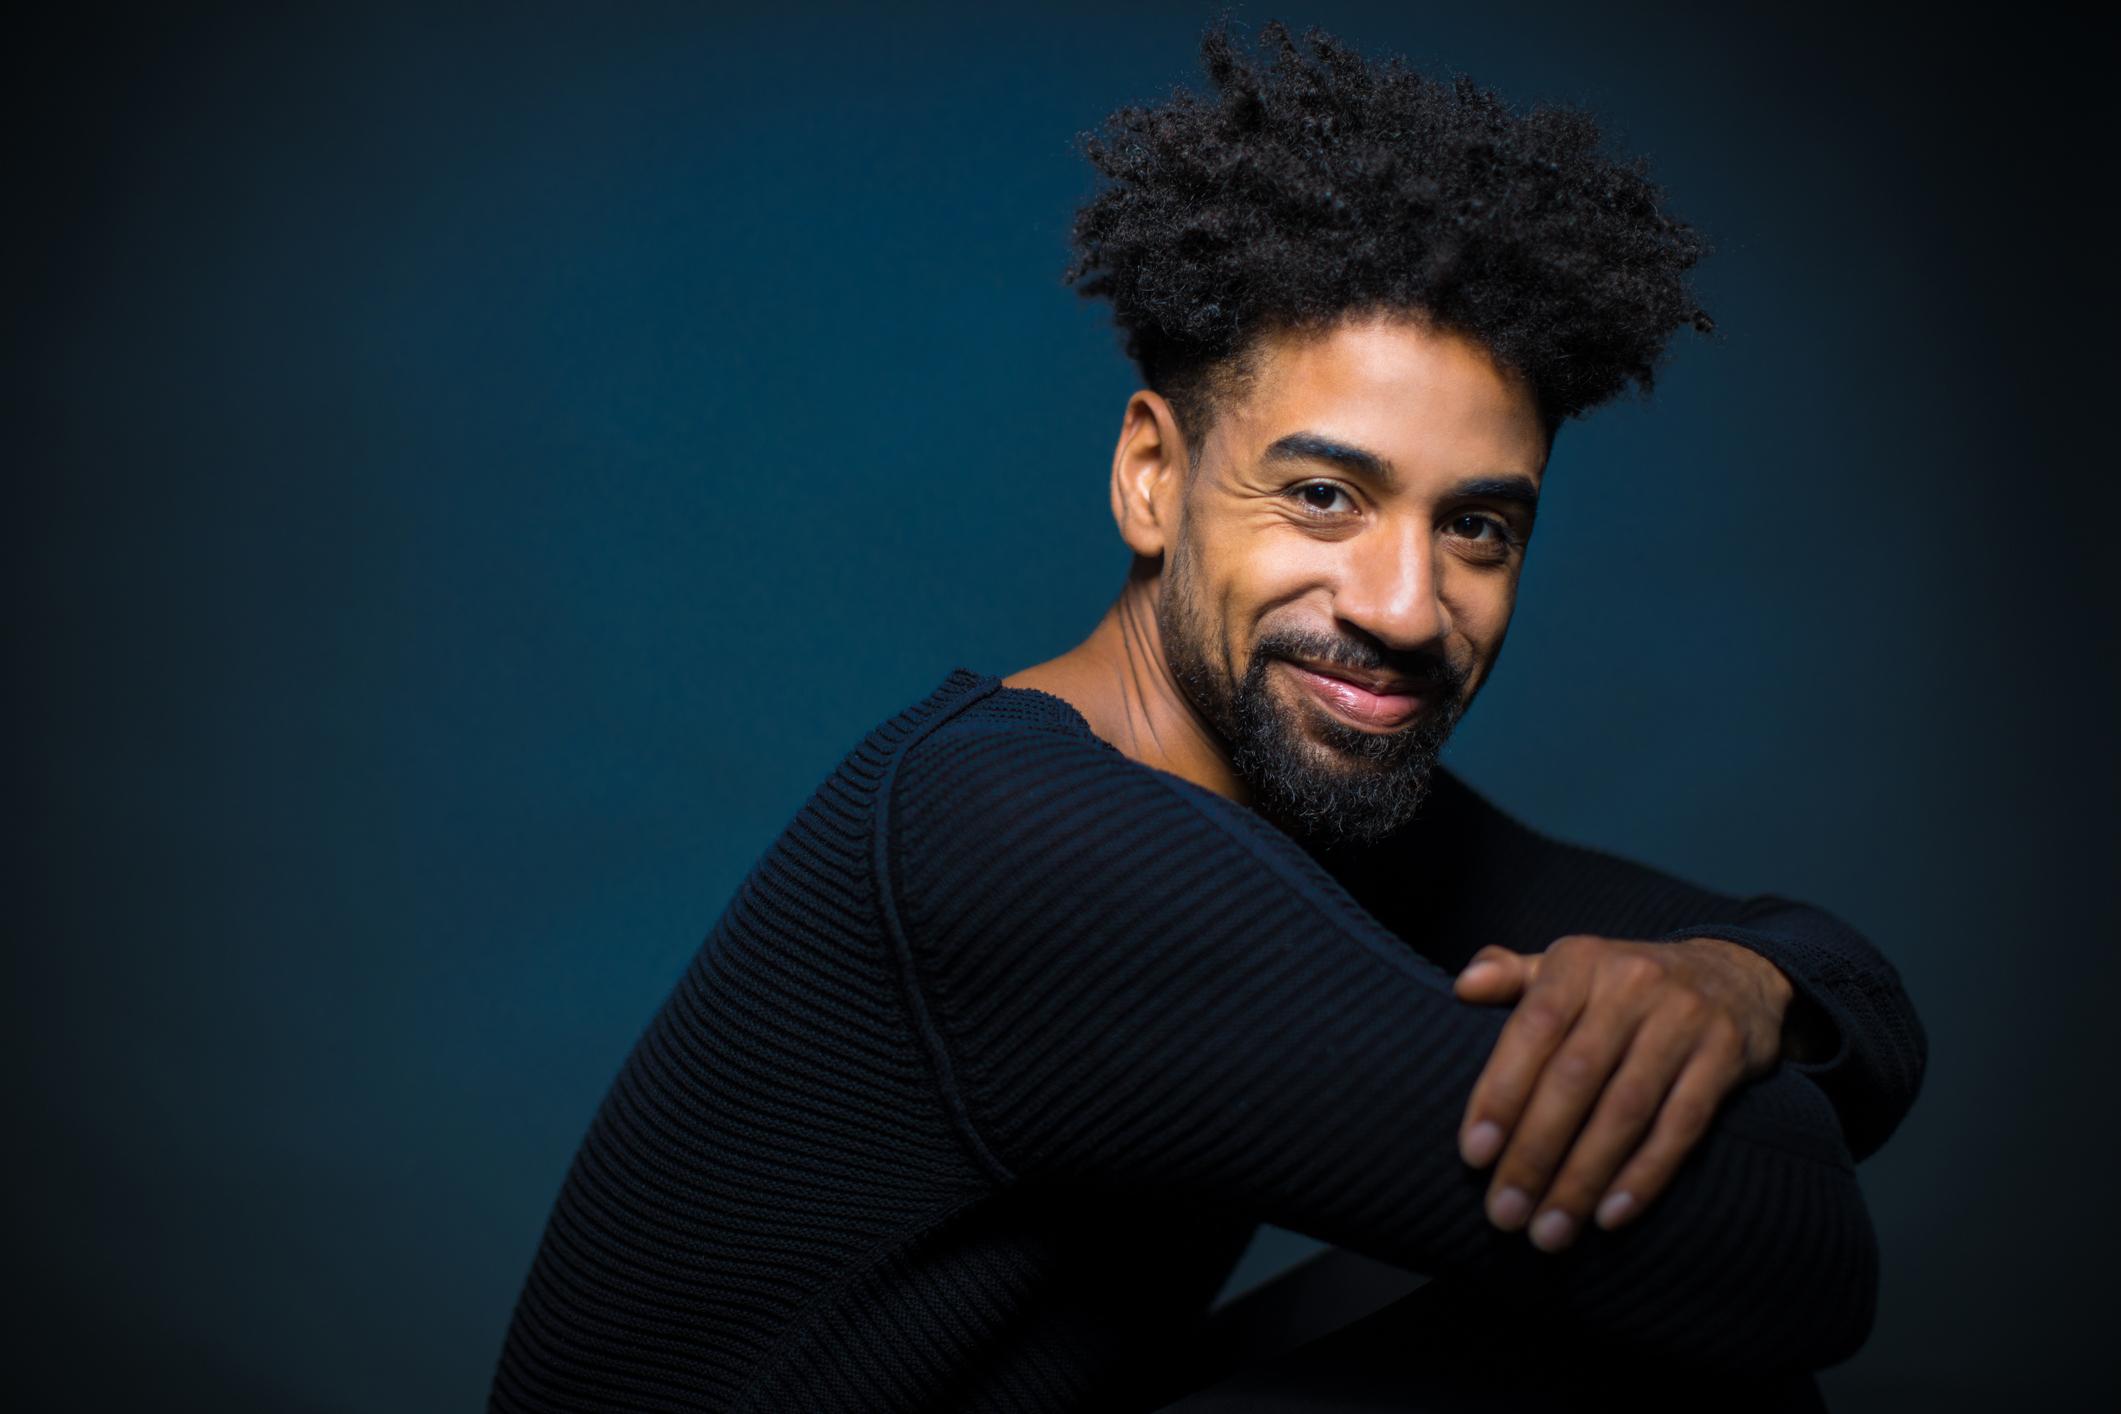 corte de cabelo afro masculino9 - Corte de cabelo afro masculino: Melhores modelos, finalização e dicas